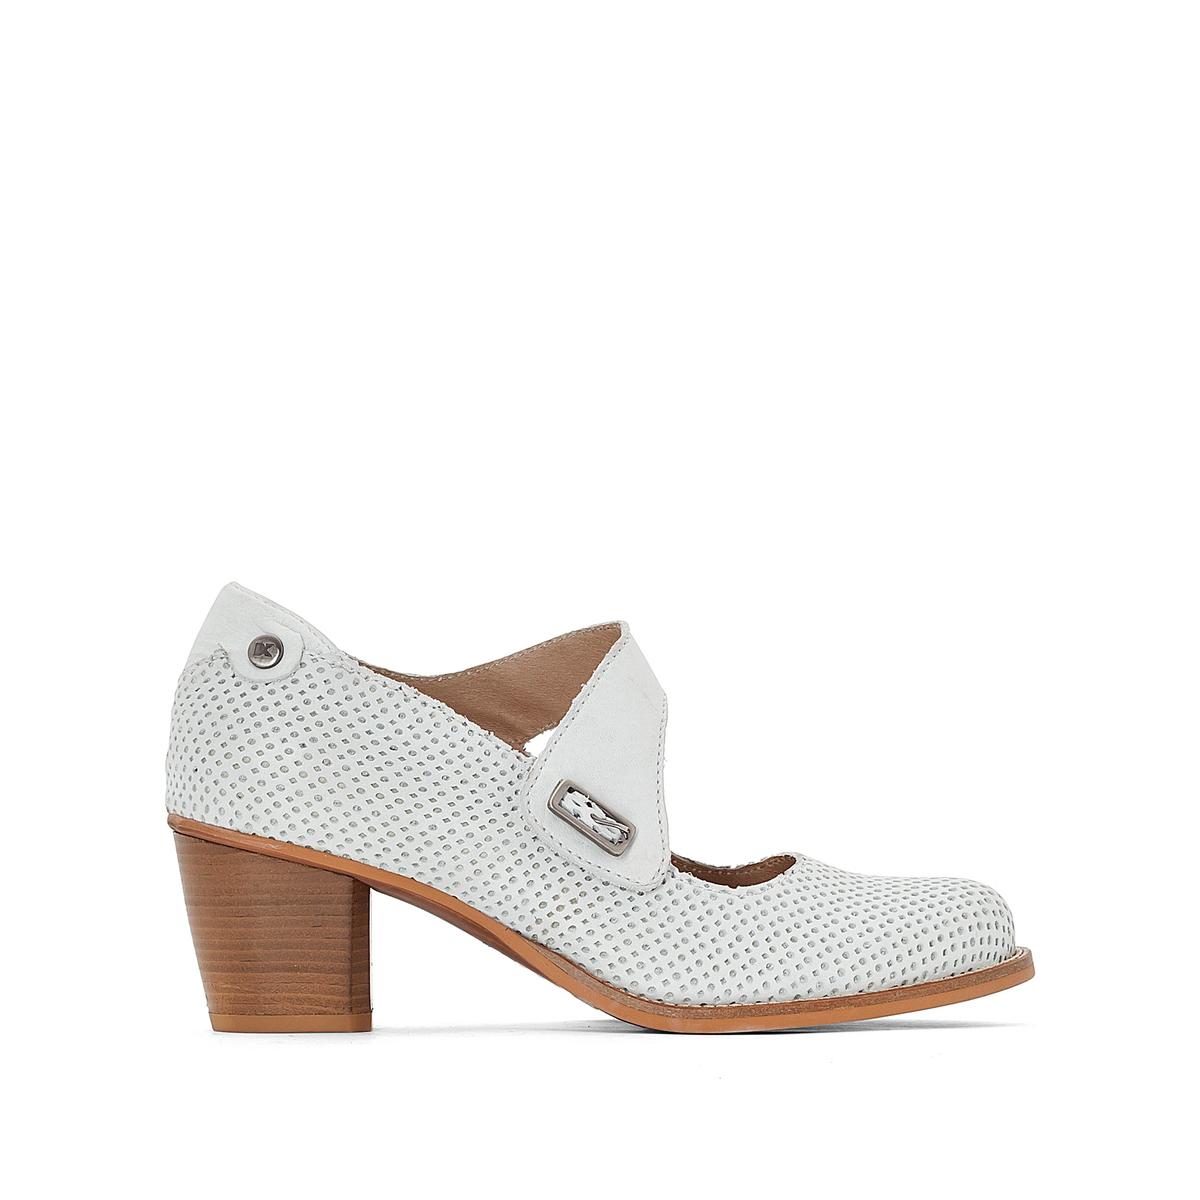 Туфли кожаные с пряжкой BeckyВерх : кожа   Подкладка : кожа   Стелька : кожа   Подошва : резина   Высота каблука : 5 см   Форма каблука : квадратный каблук   Мысок : закругленный мысок  Застежка : пряжка<br><br>Цвет: белый<br>Размер: 37.38